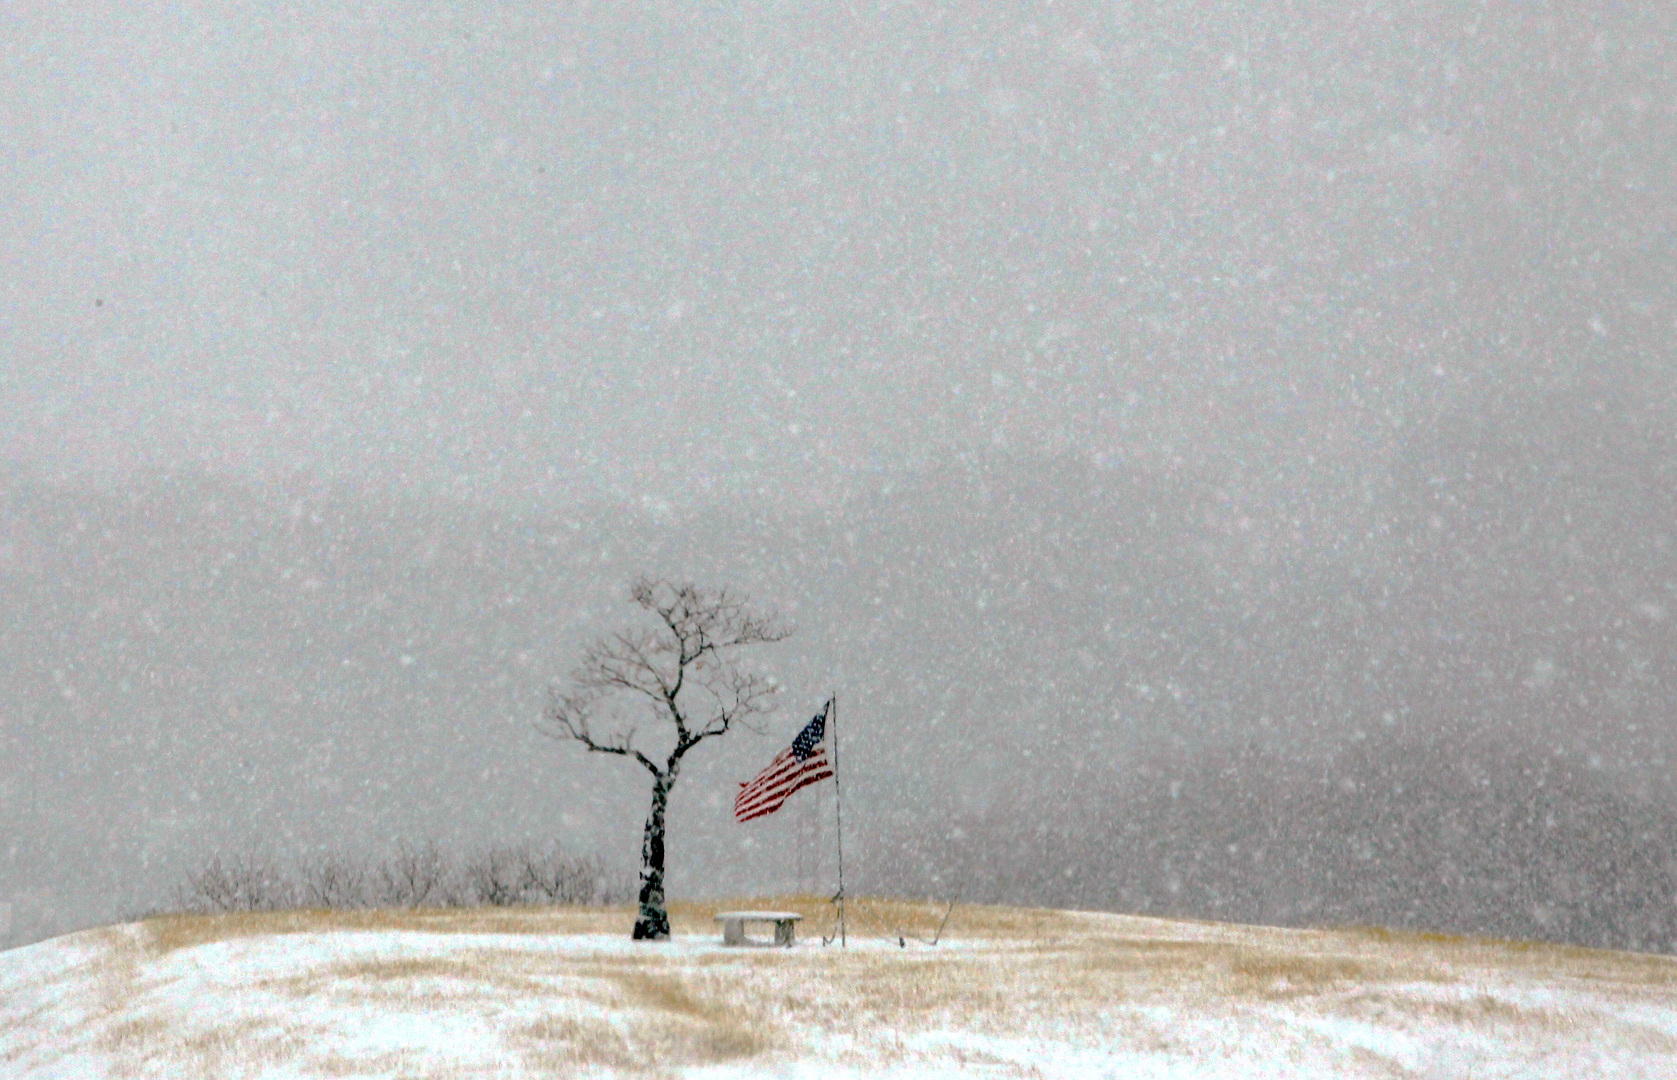 خبراء: على الولايات المتحدة الاستعداد لمزيد من العواصف المميتة